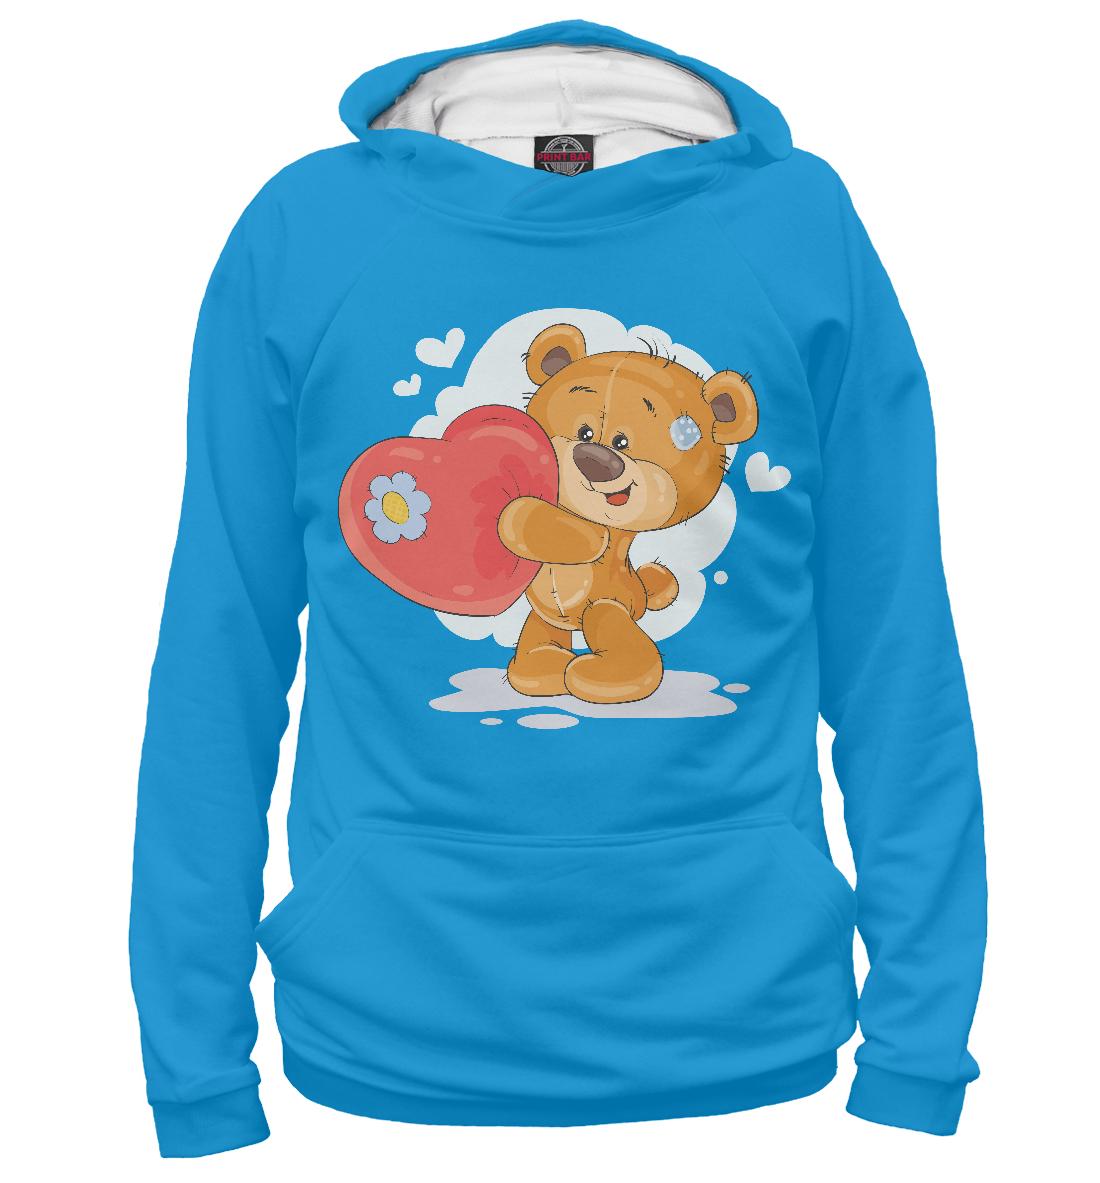 Купить Медвежонок с сердцем, Printbar, Худи, SRD-776863-hud-1